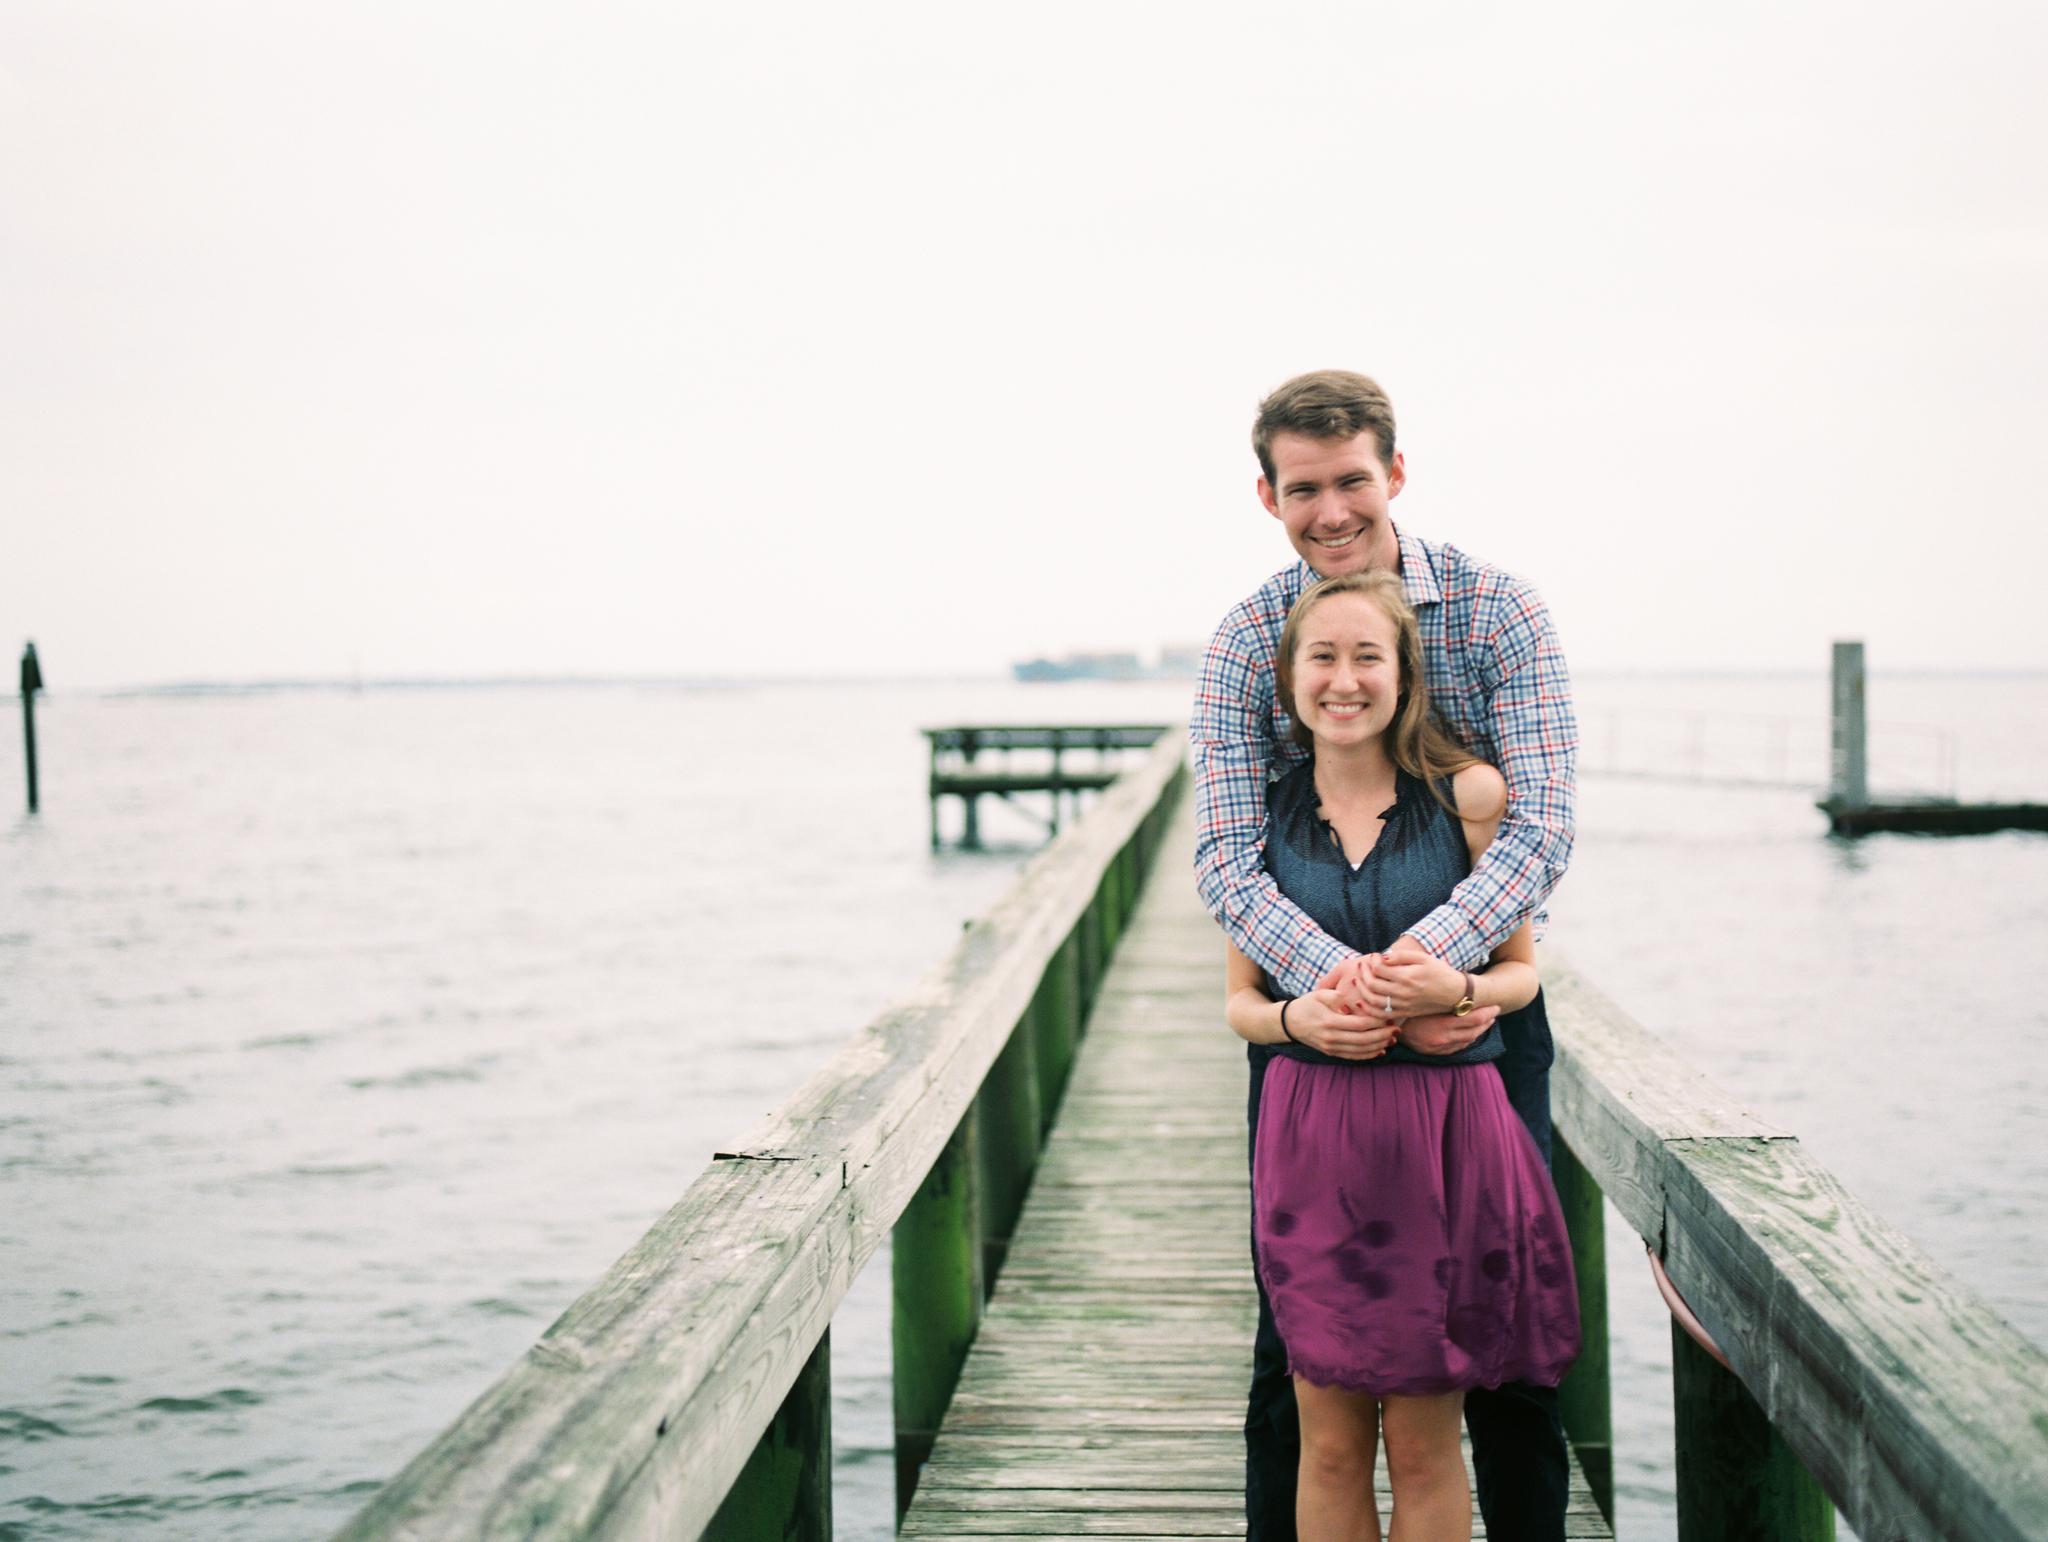 Greg-Allison-Charleston-Wedding-Photographer-Christina-Pugh-60.jpg